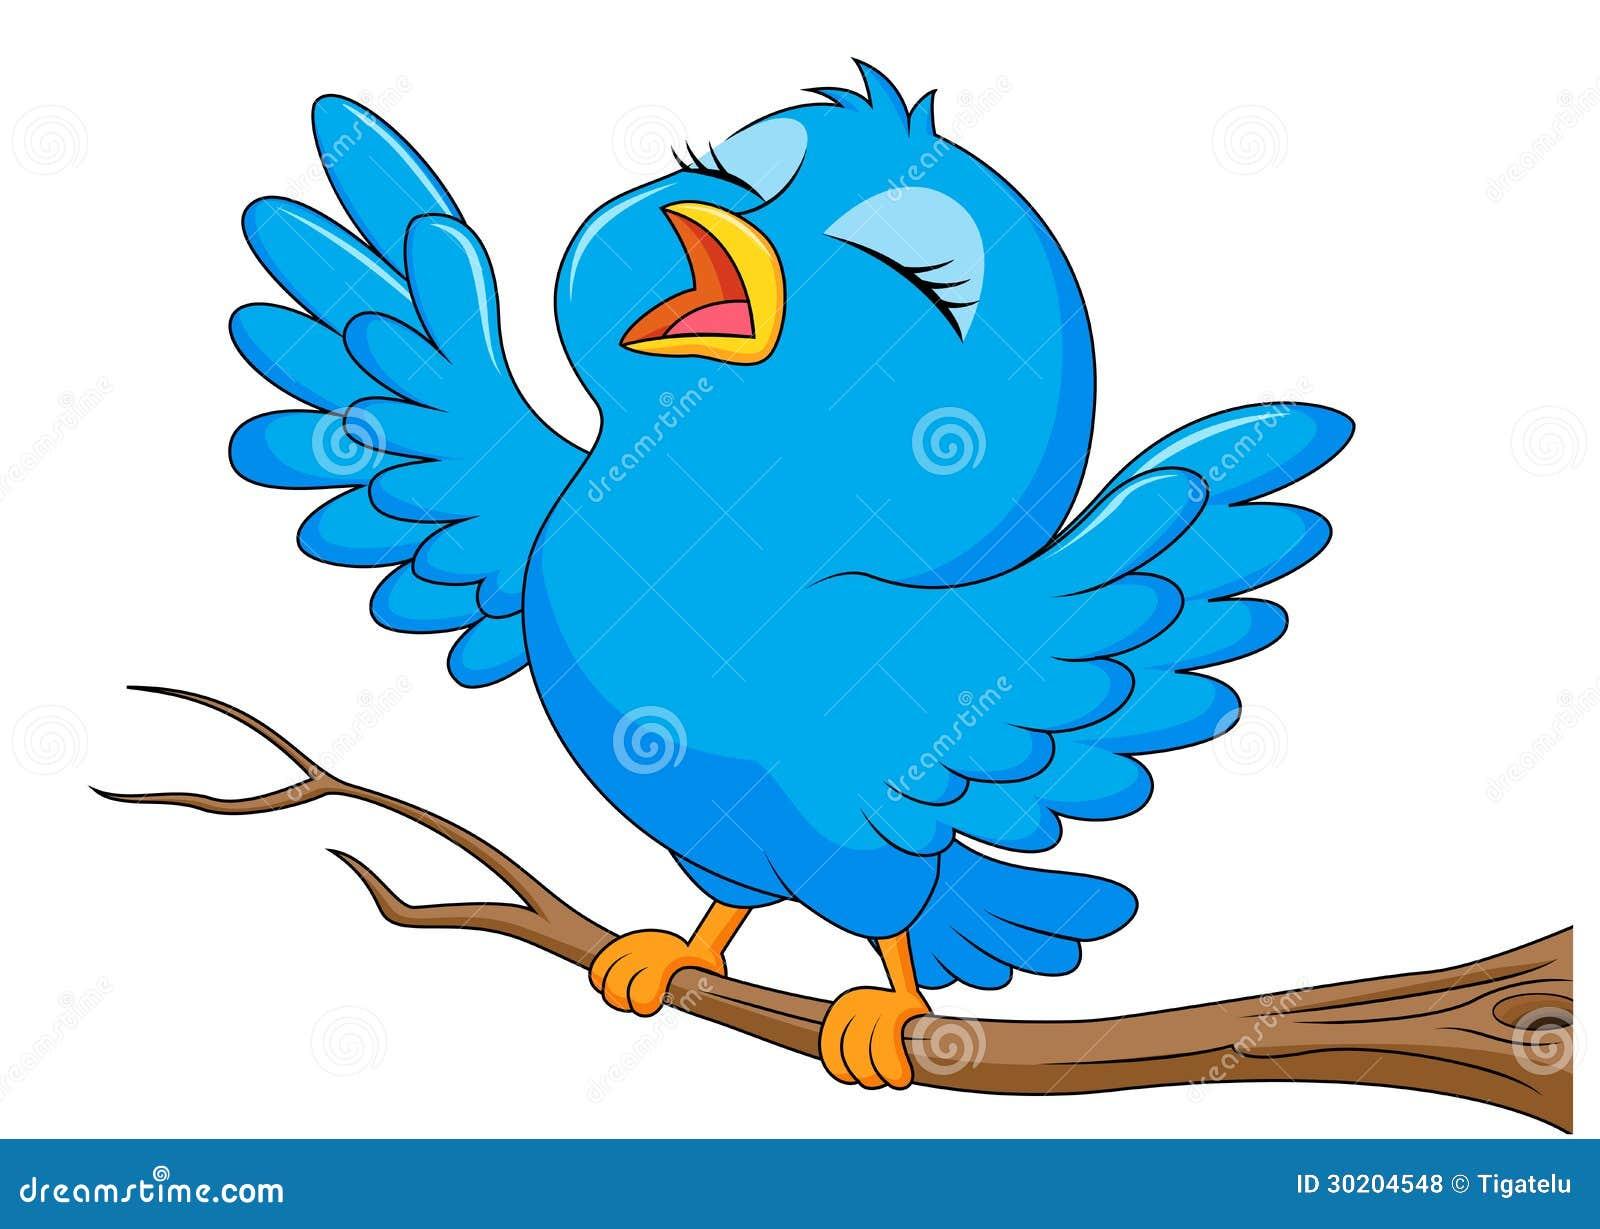 Blue Bird Cartoon Singing Stock Vector Illustration Of